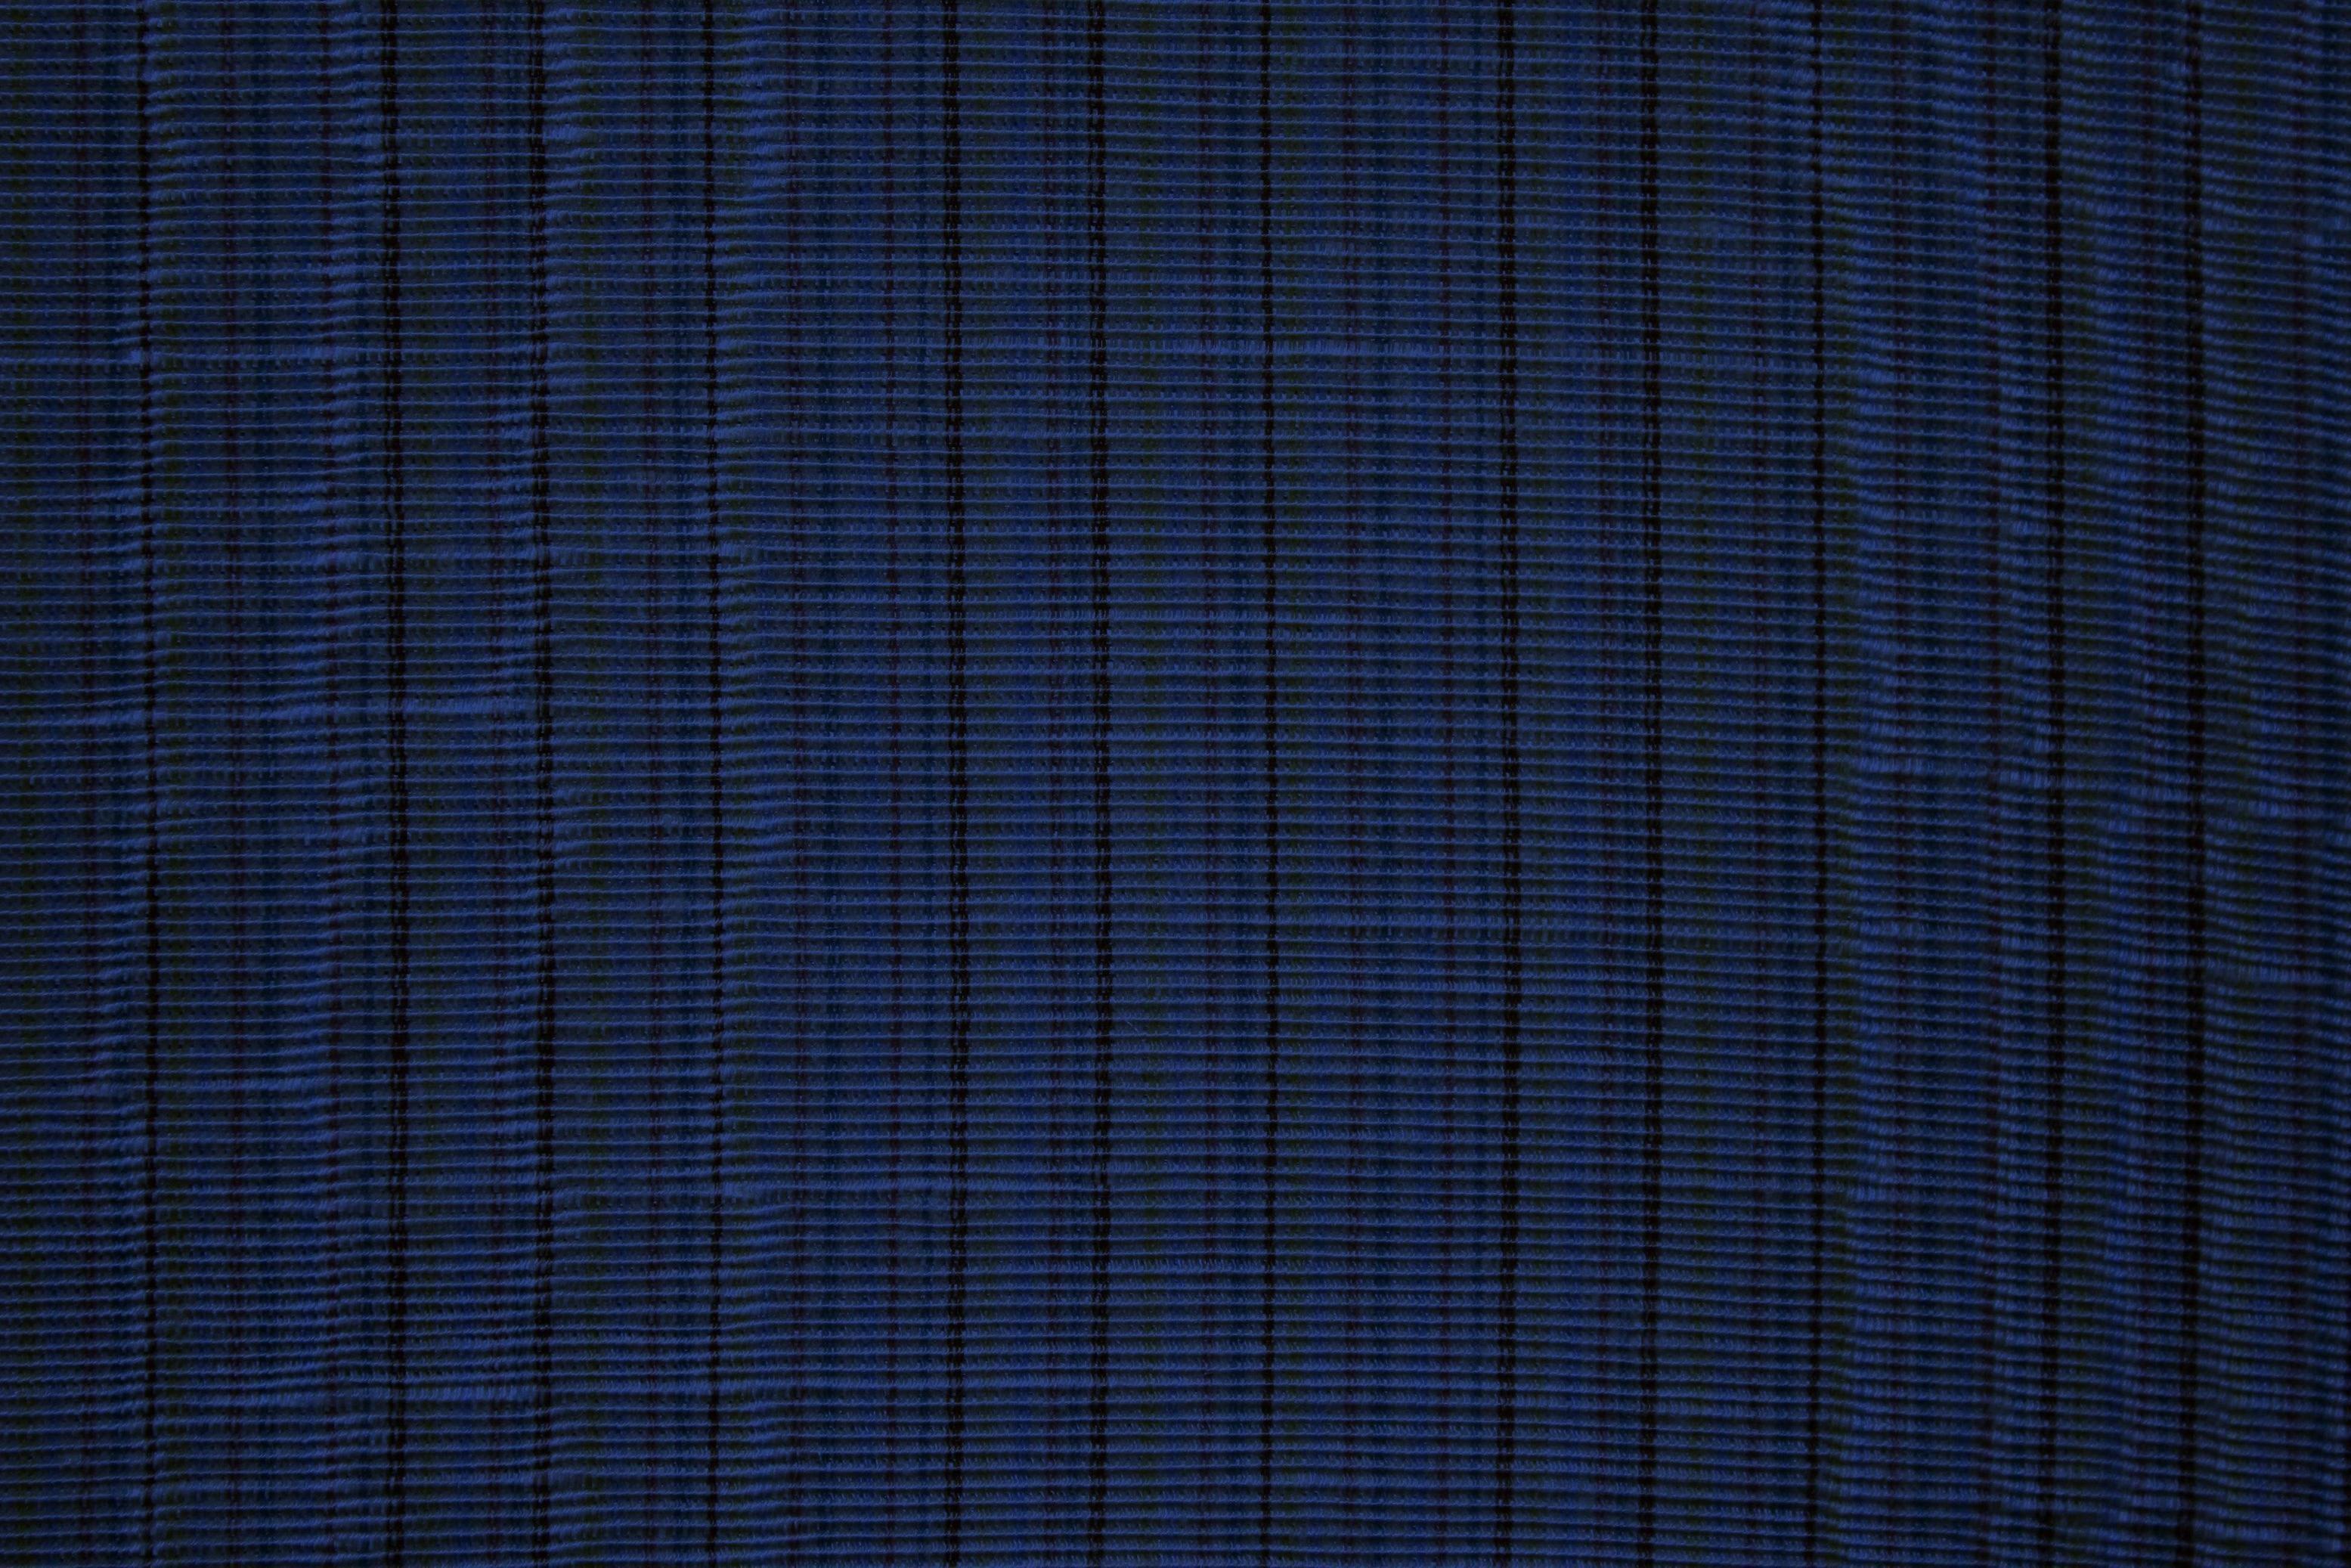 navy blue wallpaper – Grasscloth Wallpaper